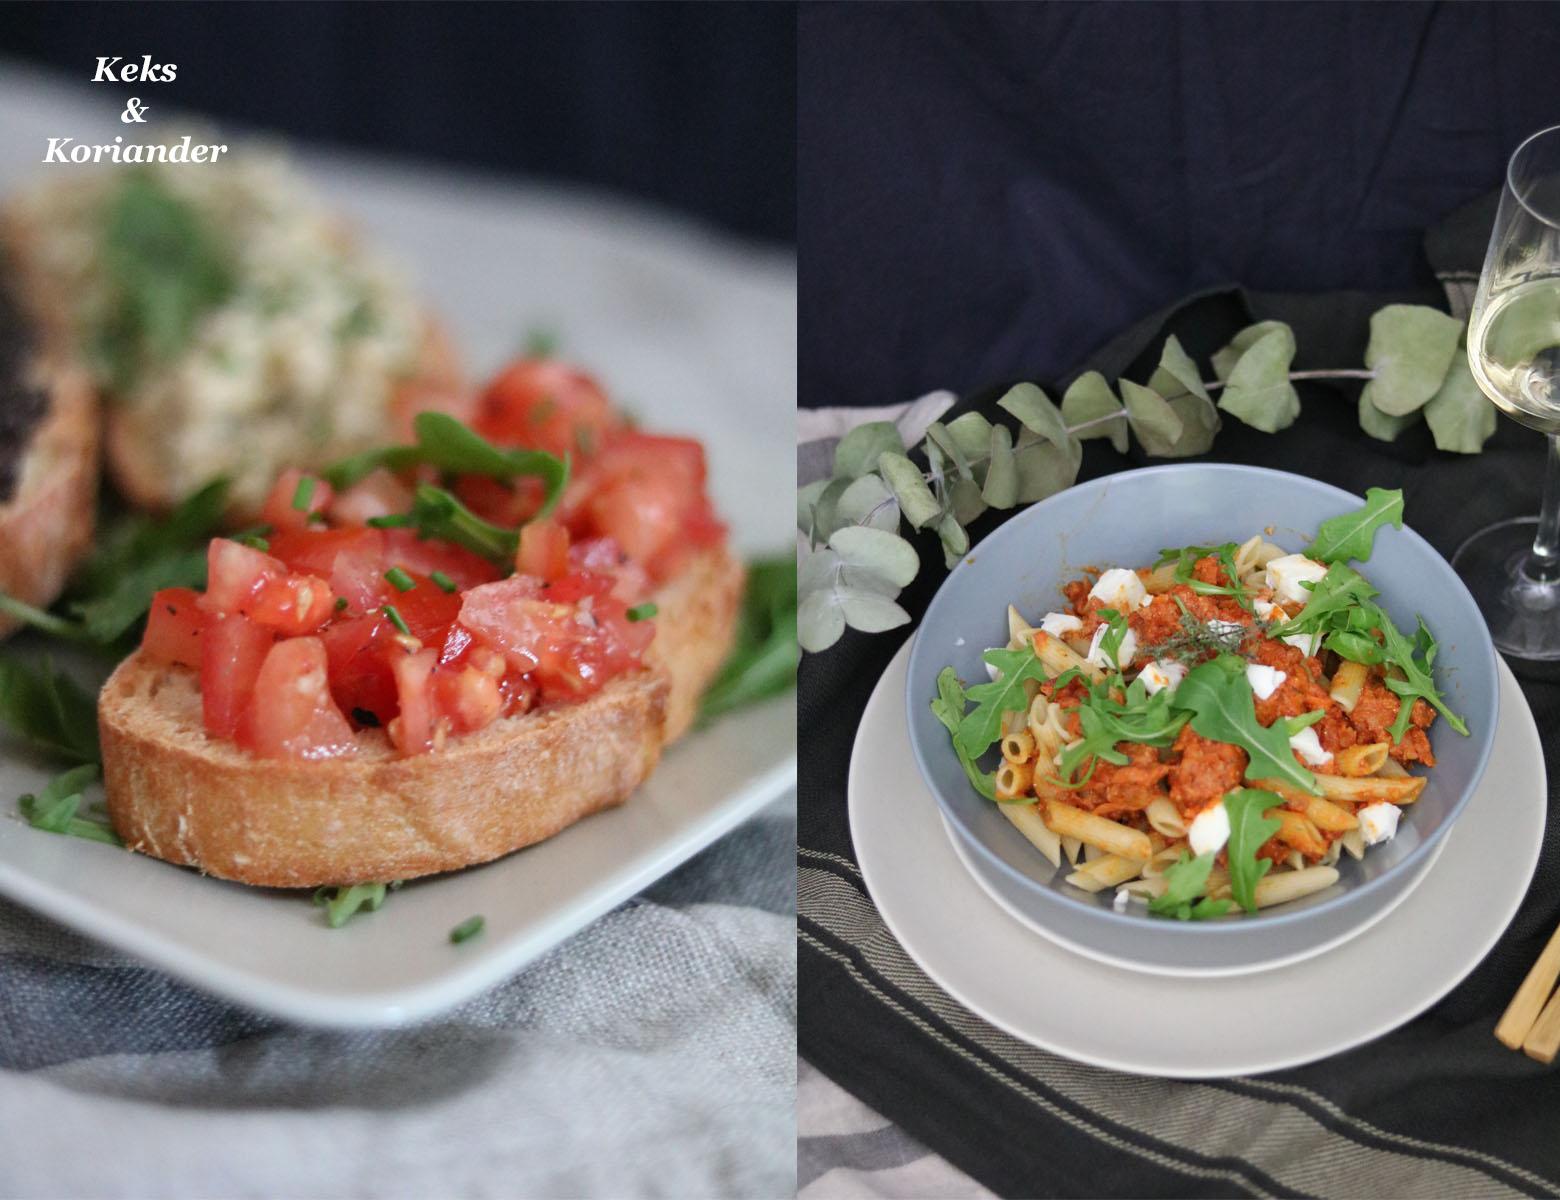 Bruschetta miste und Penne mit Salsiccia als italienisches Menü